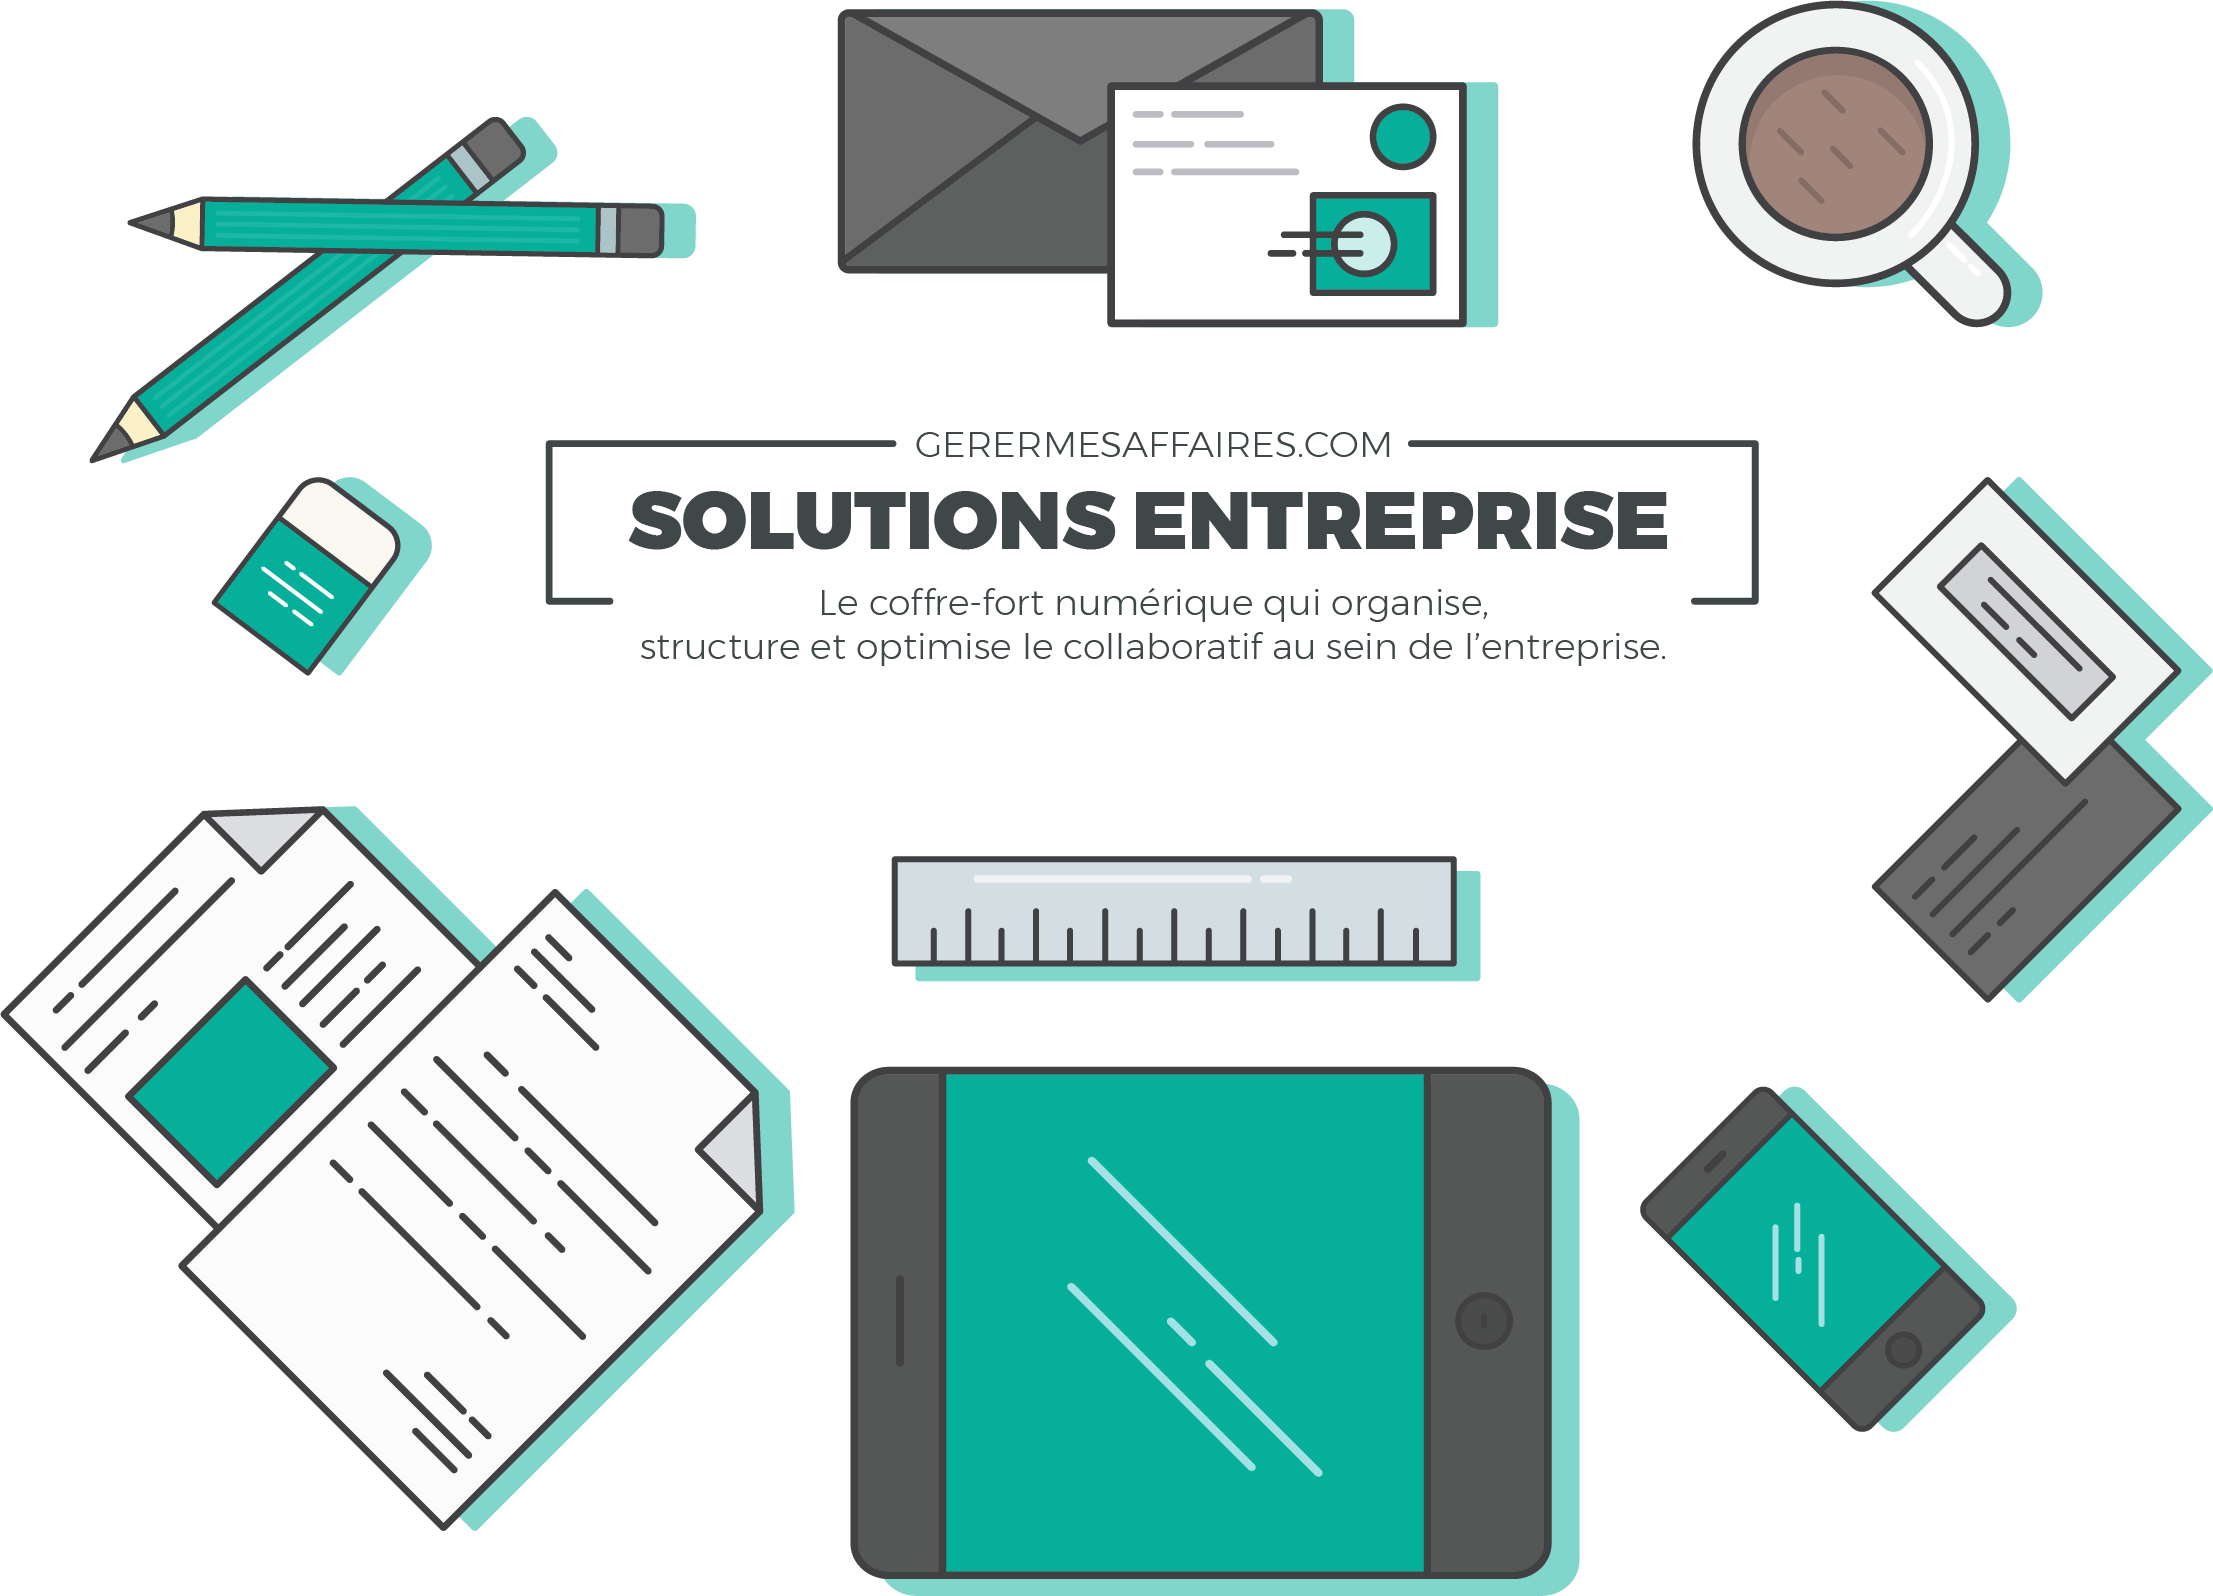 gerermesaffaires.com solutions entreprise